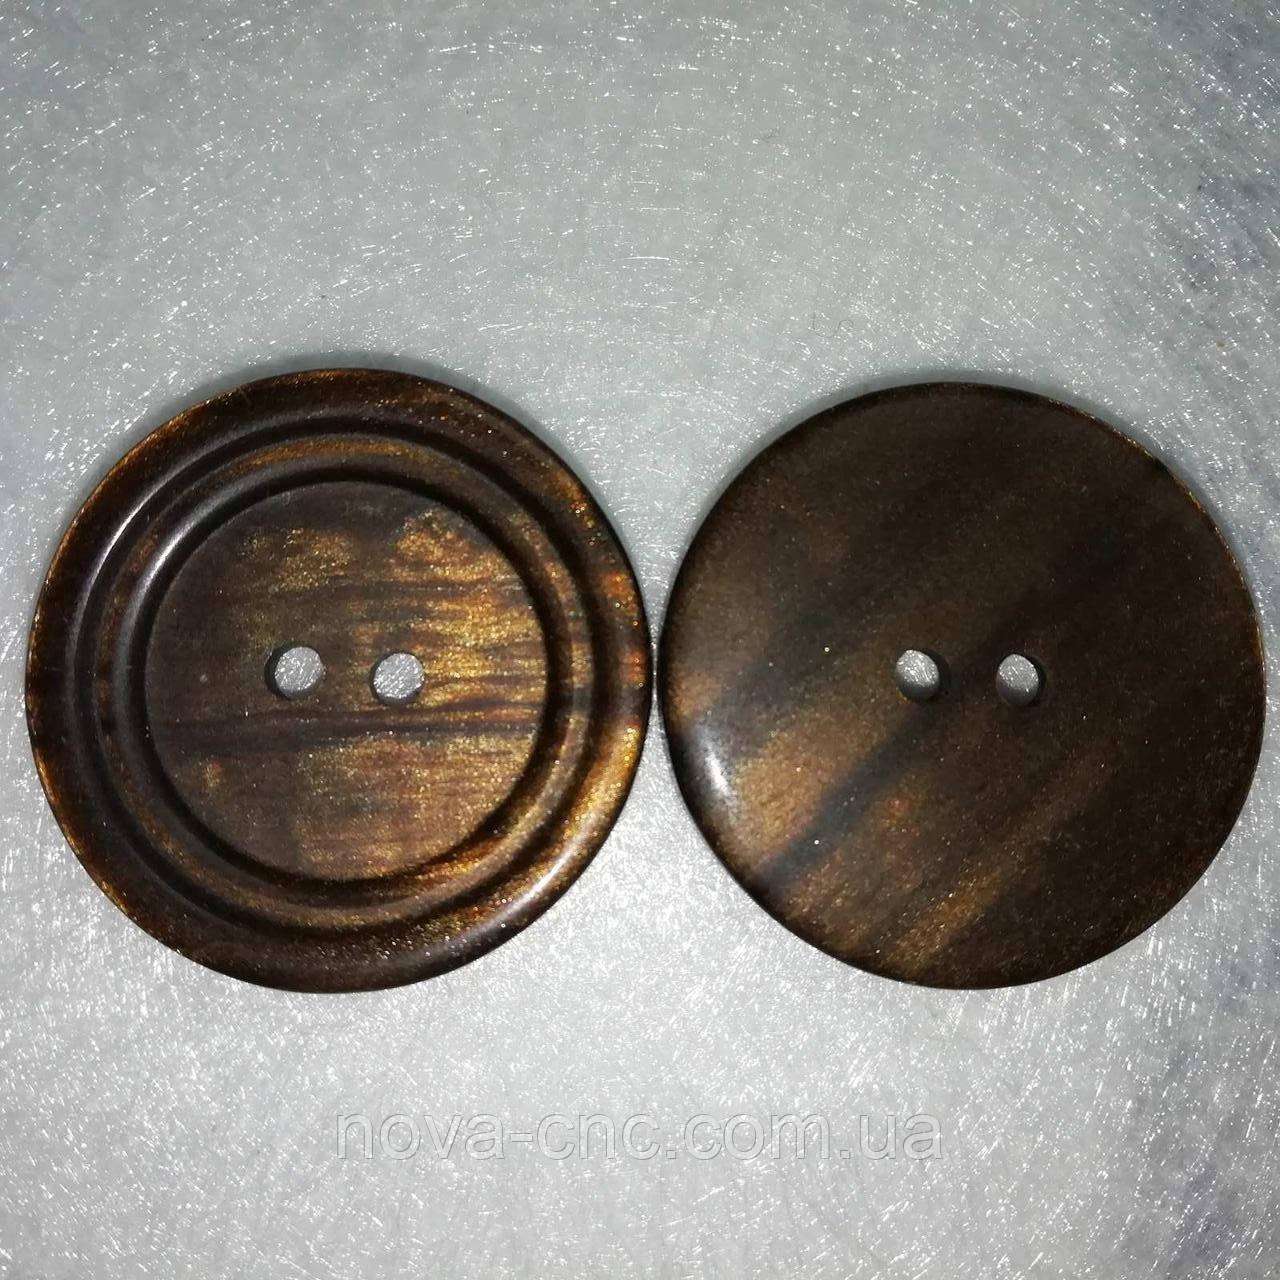 Пуговицы  пластмассовые 28 мм Цвет коричневый Упаковка примерно 100 штук